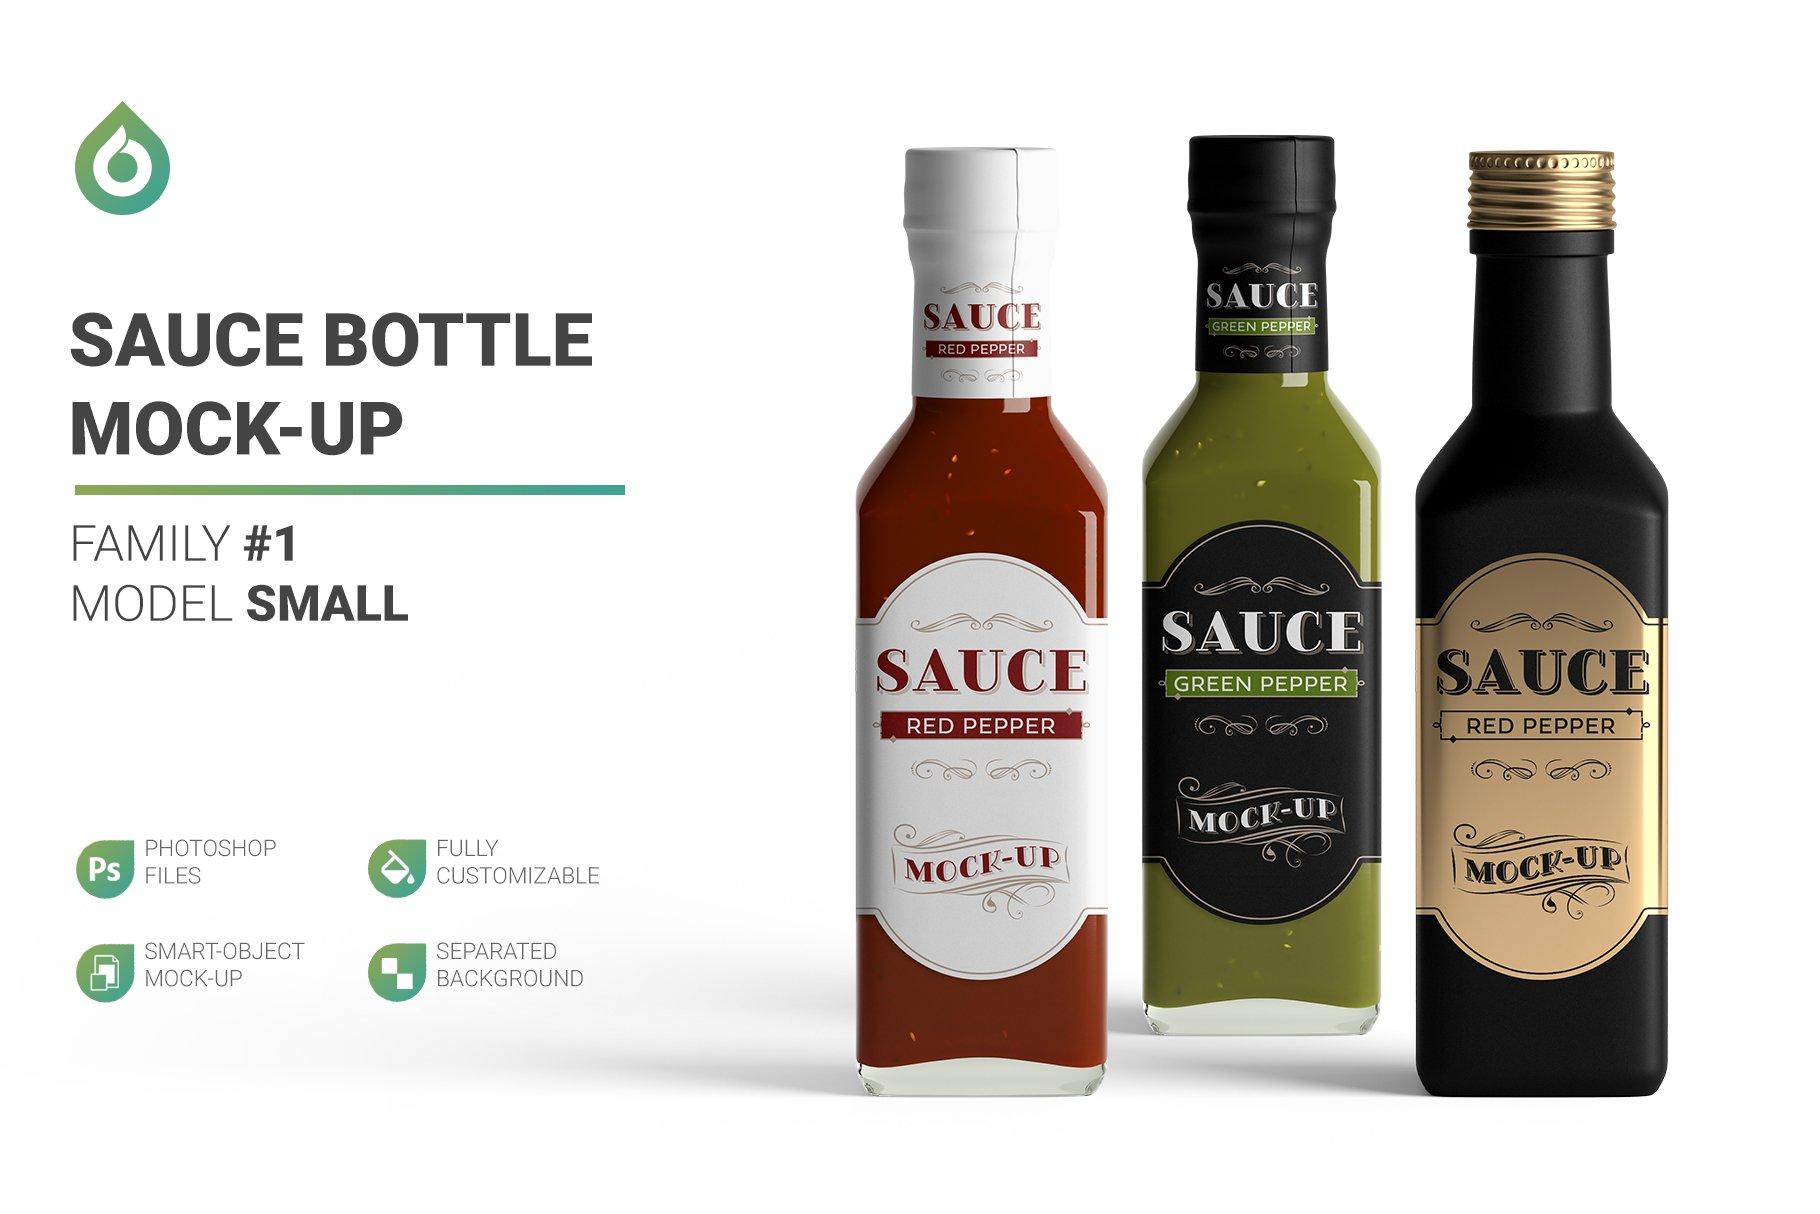 方形玻璃果酱酱油瓶样机 Sauce Bottle Mockup插图